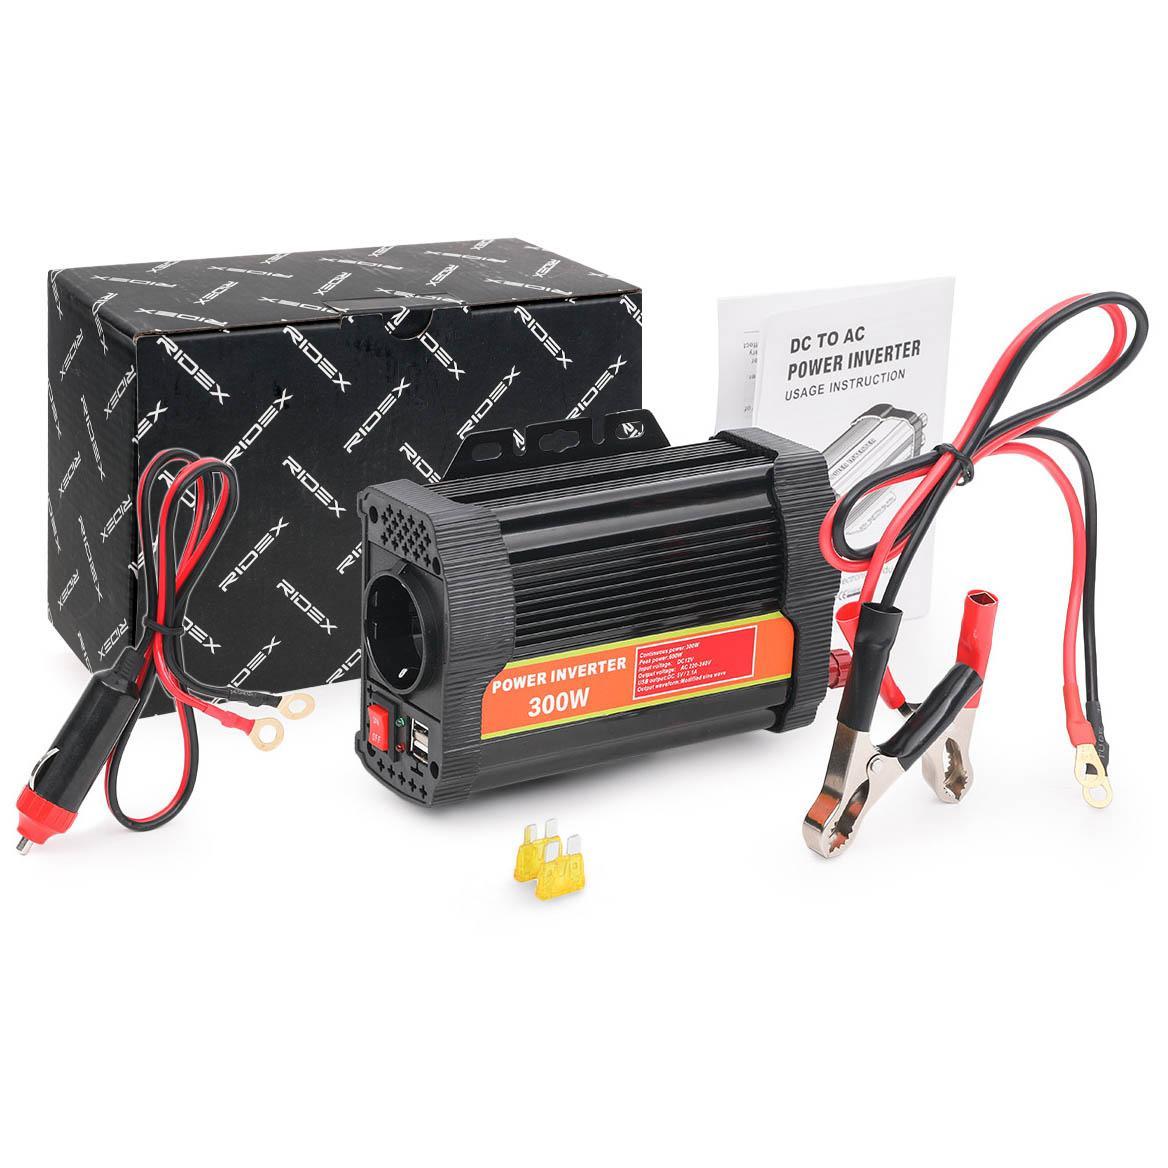 Inverter RIDEX 4318A0002 expert knowledge